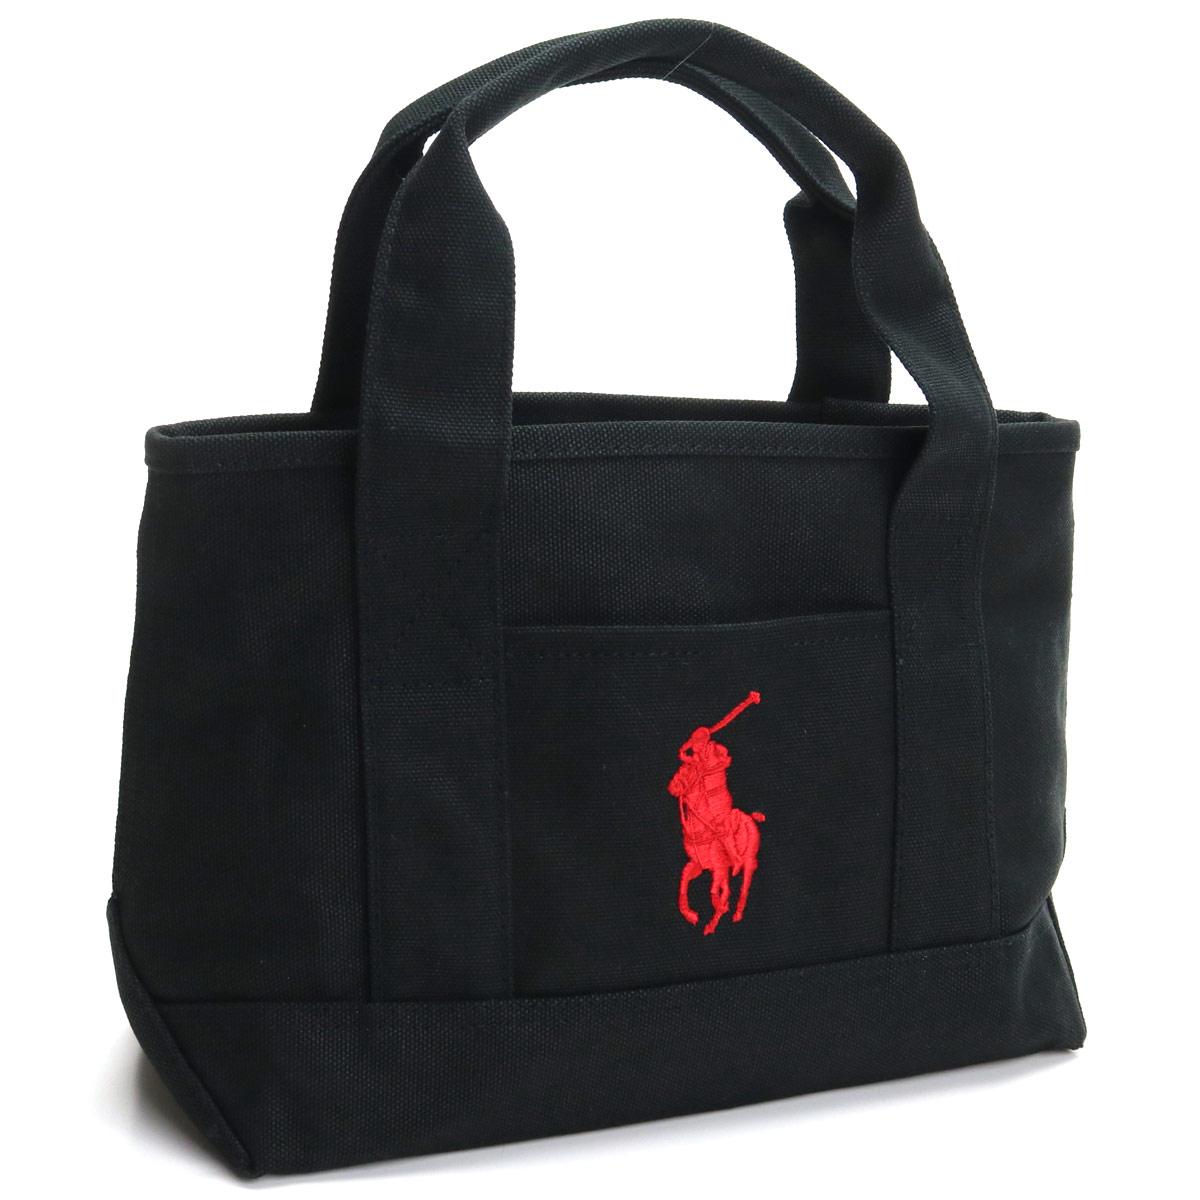 日本Yahoo代標|日本代購|日本批發-ibuy99|包包、服飾|包|女士包|手提袋|ラルフローレン RALPH LAUREN SCHOOL TOTE SMALL II ポニー刺繍 ス…